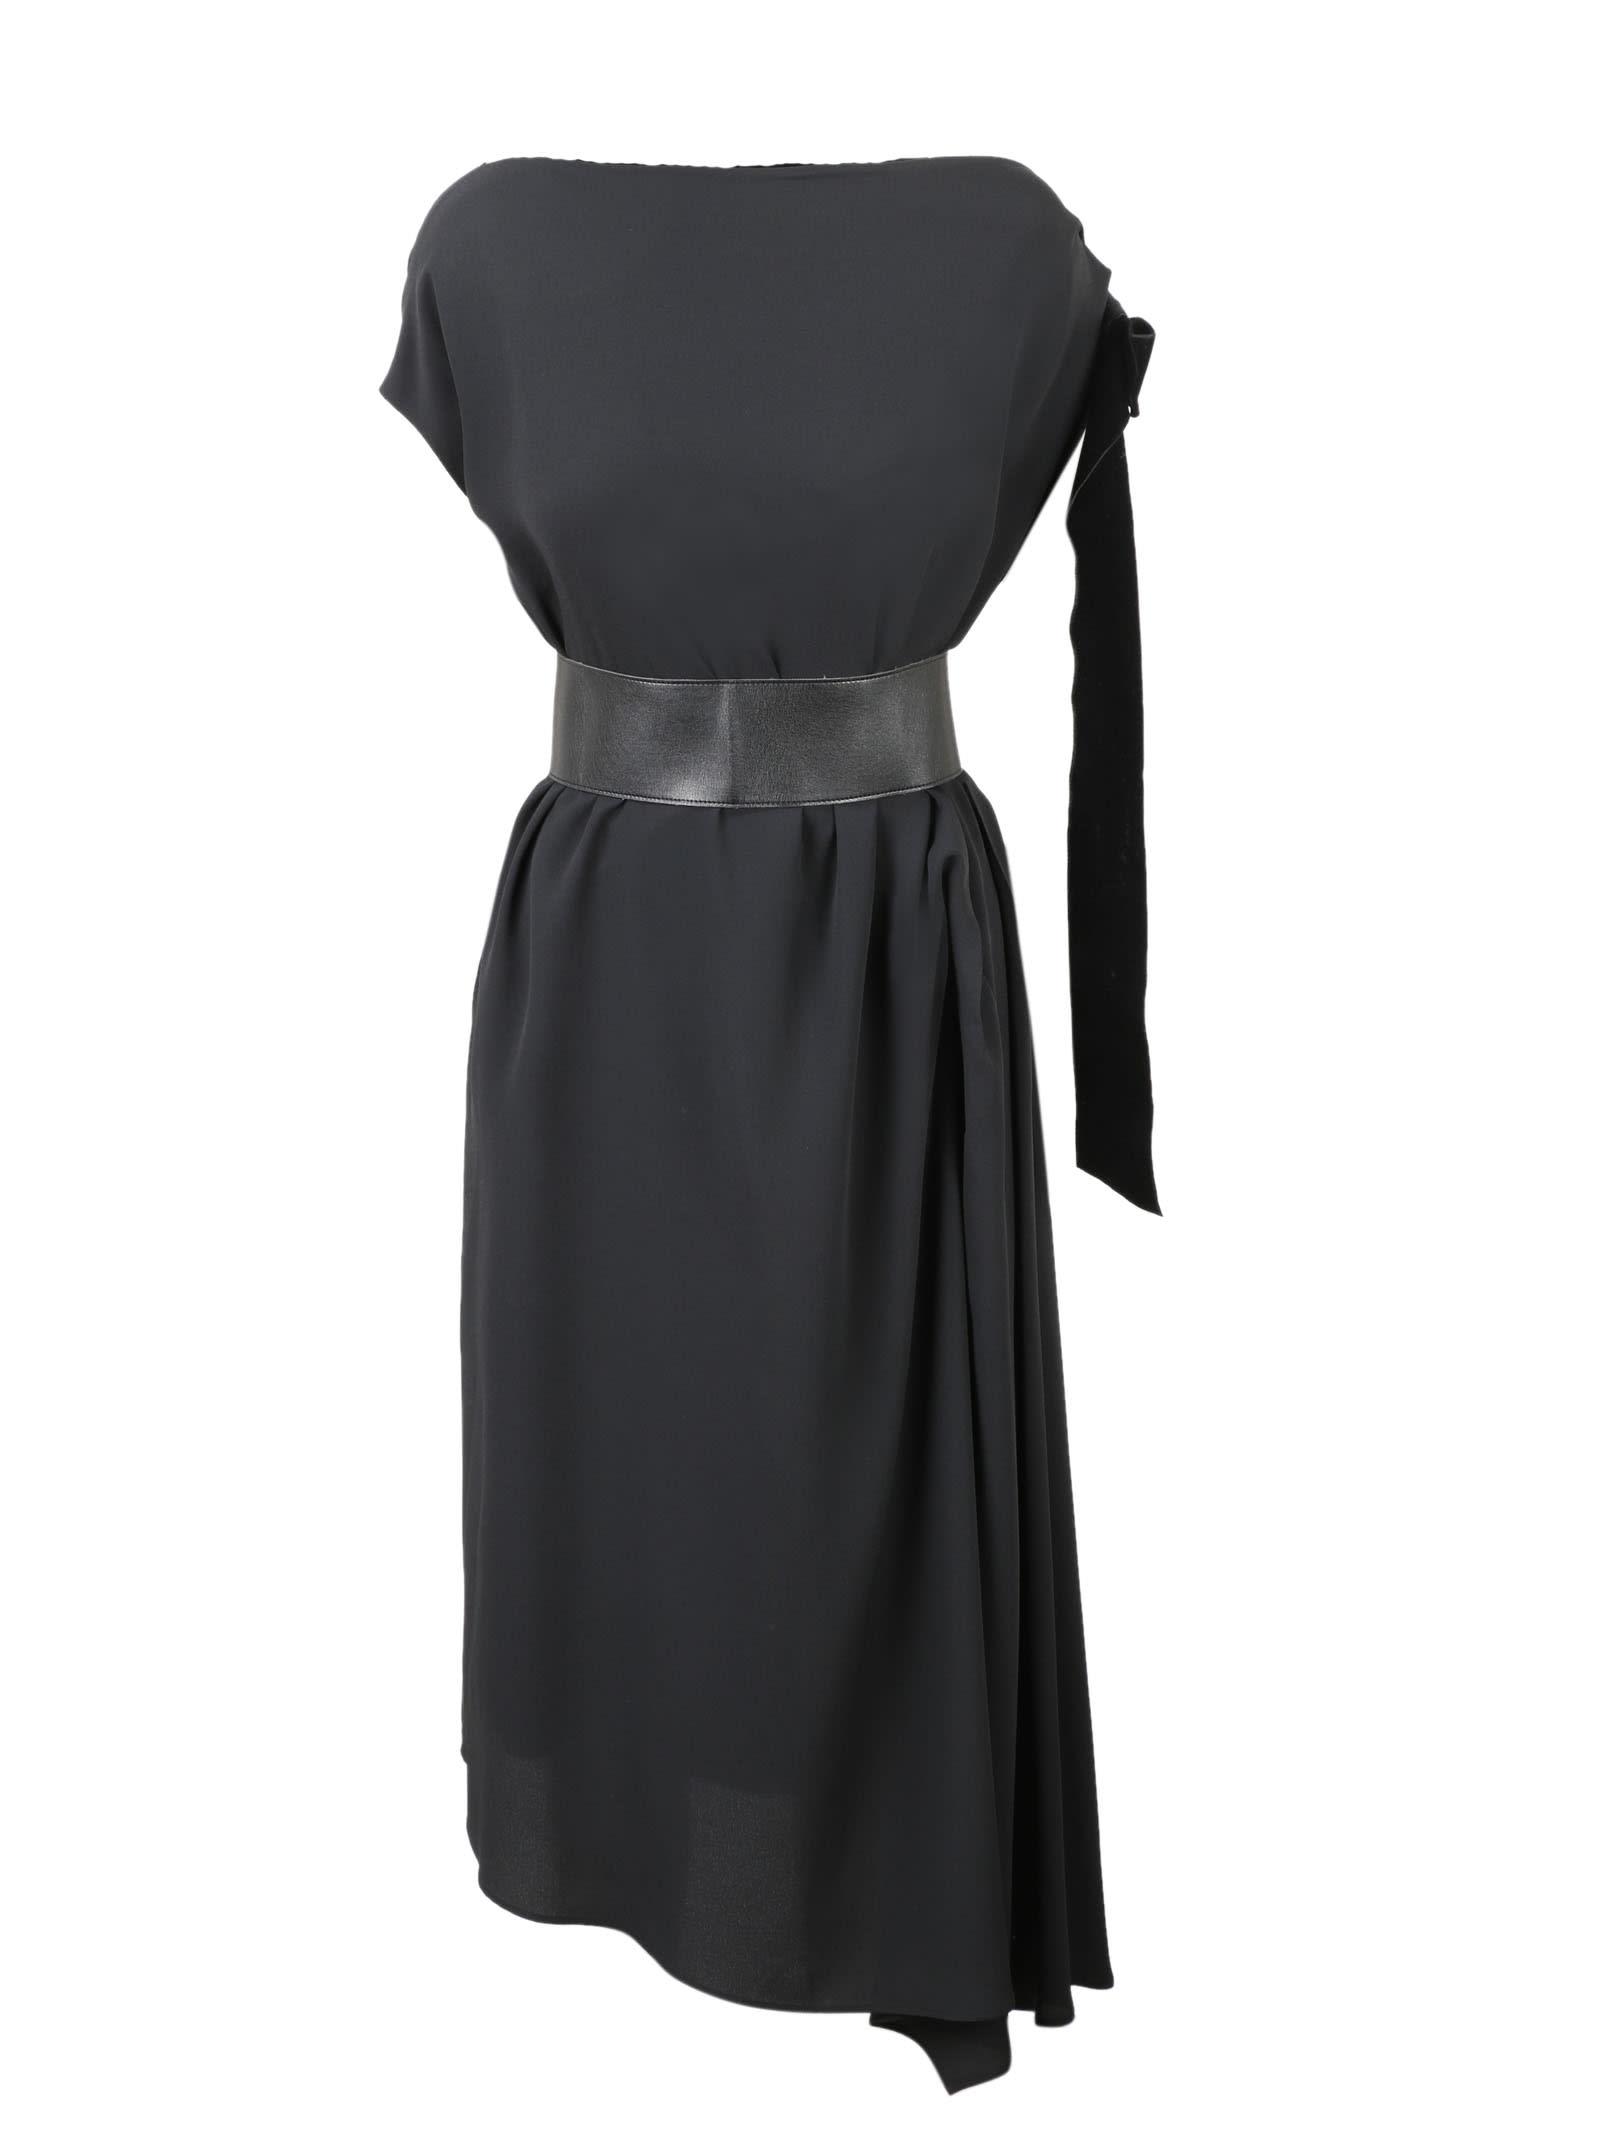 Bow And Sash Dress